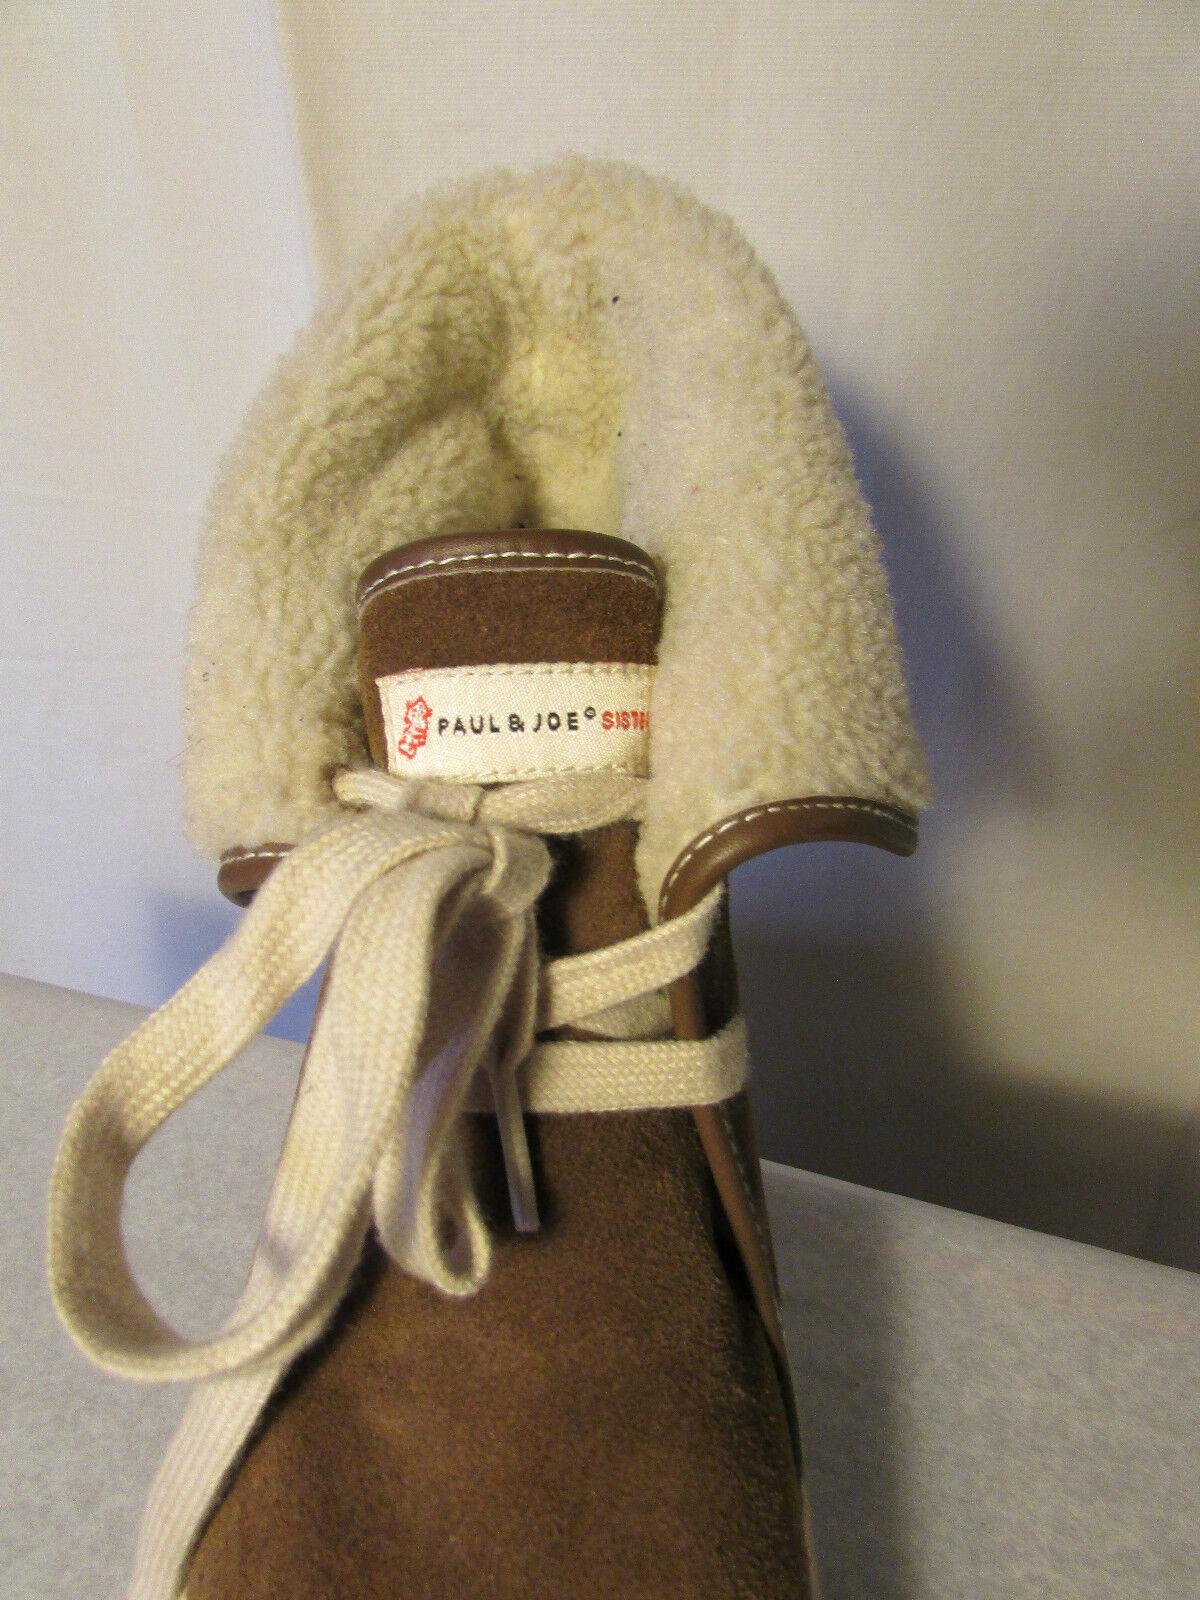 Stiefel/Keilstiefel Wildleder Paul und joe sister Wildleder Stiefel/Keilstiefel Maulwurf und Schaffelljacke 40 a1f5a2